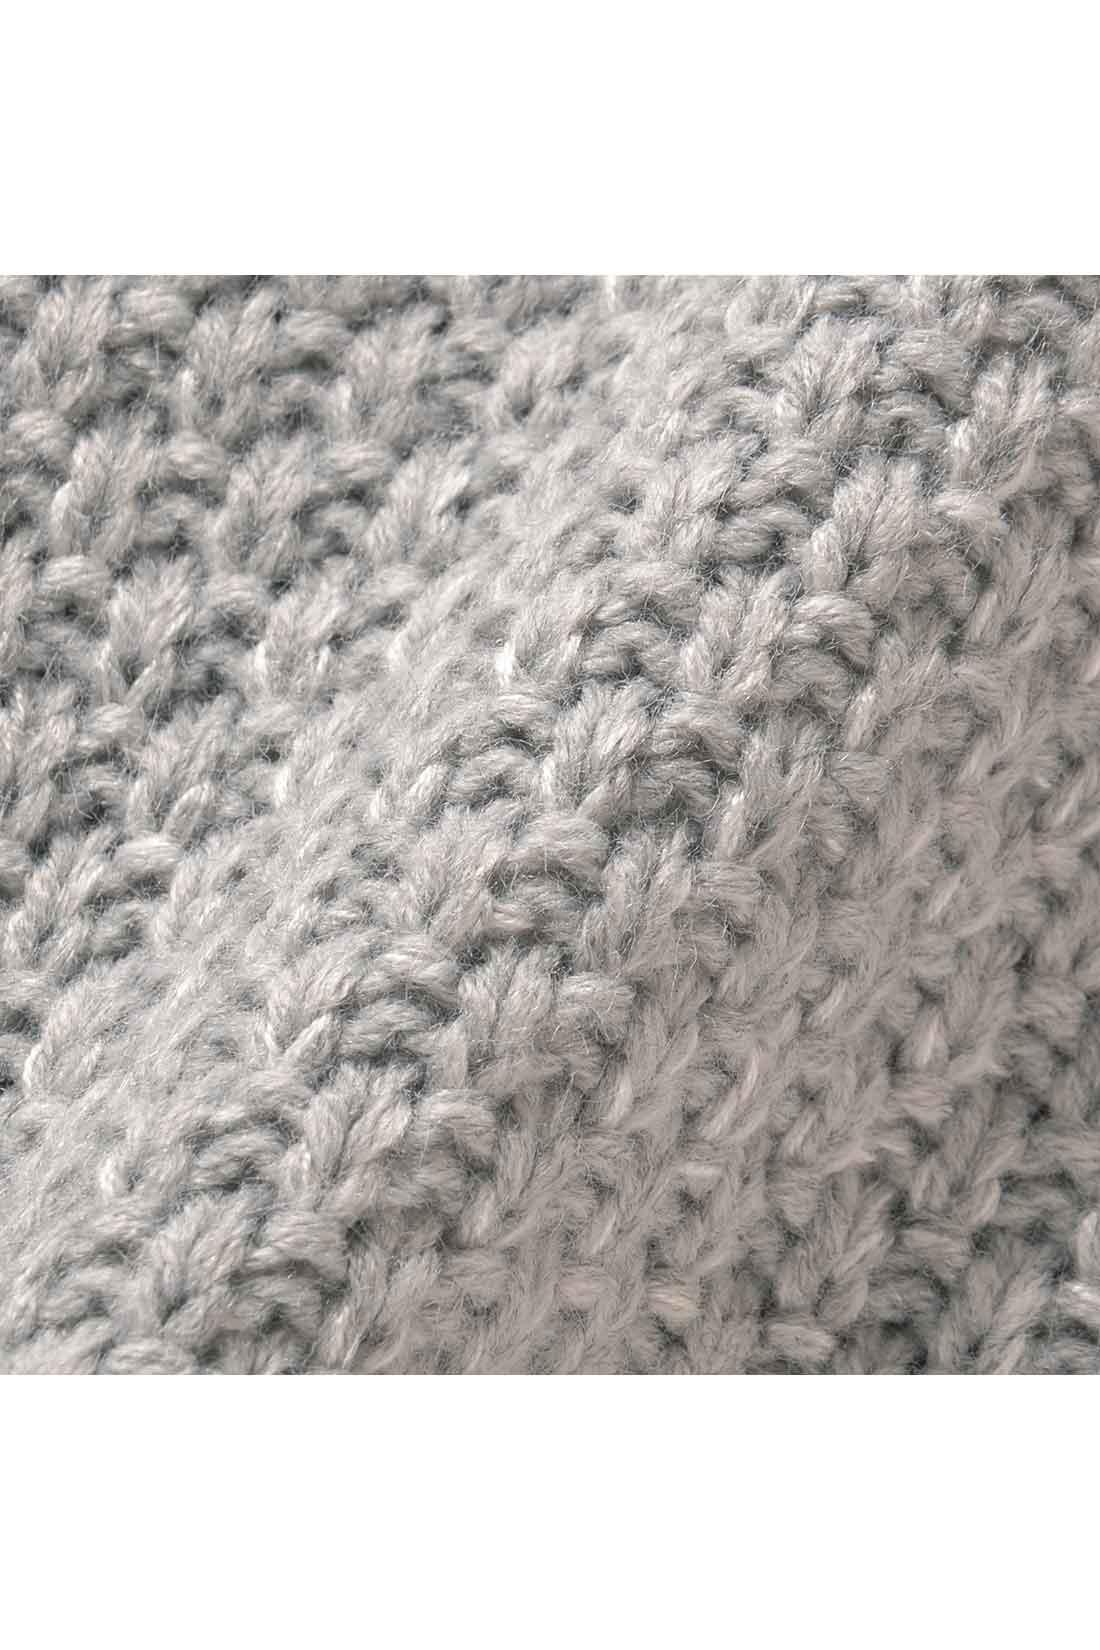 ミックス糸遣いがやわらかな雰囲気のニット。変わり編みが上品で、からだのラインもカバーします。着るだけでこなれた印象に。